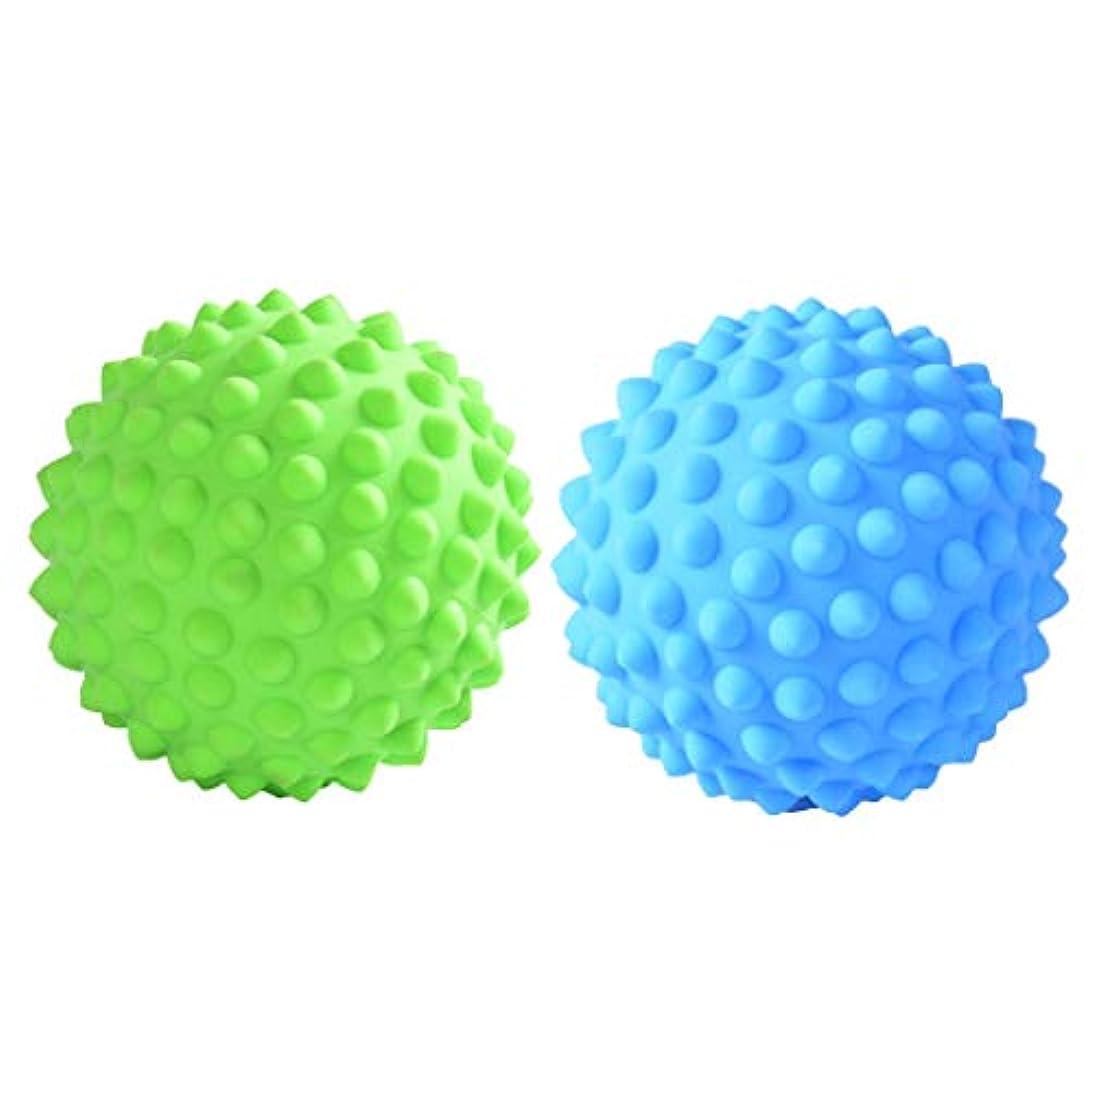 悩み解明するイーウェルマッサージローラーボール 指圧ボール PVC トリガーポイント 筋膜 疲労軽減 健康的 2個入